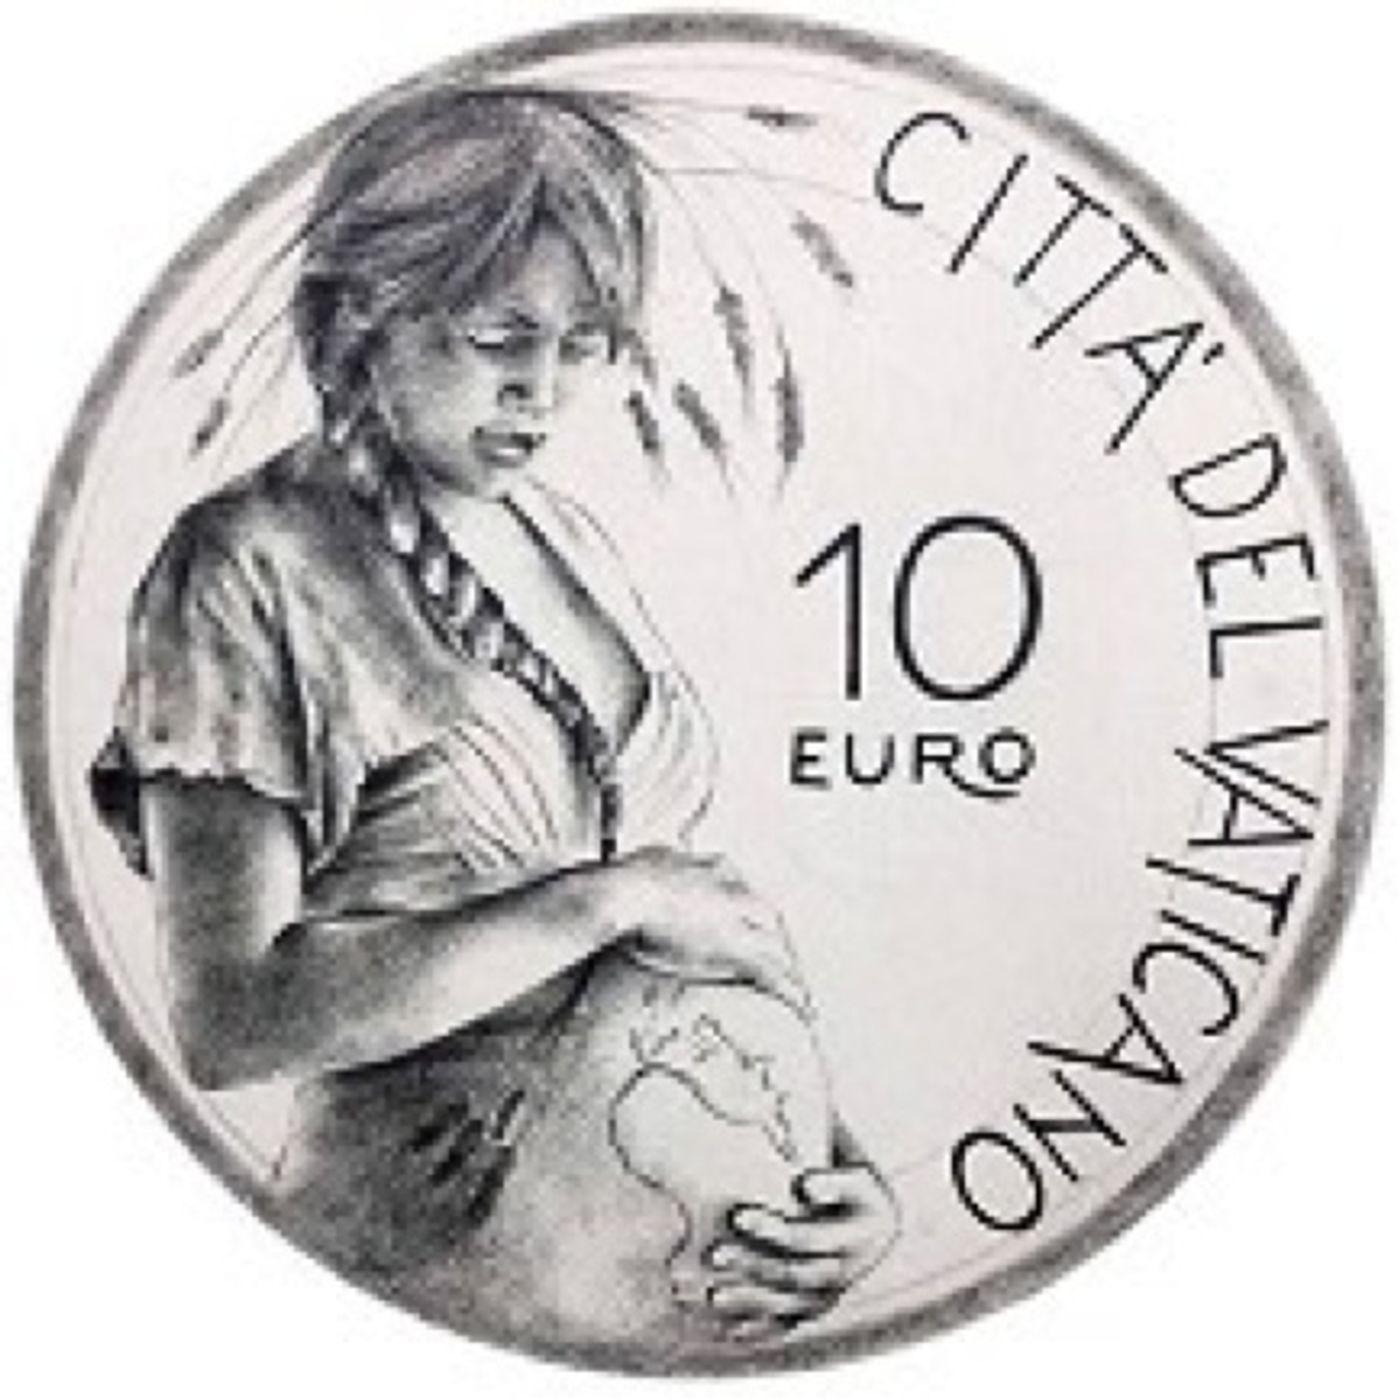 Perchè coniare monete per la madre terra?